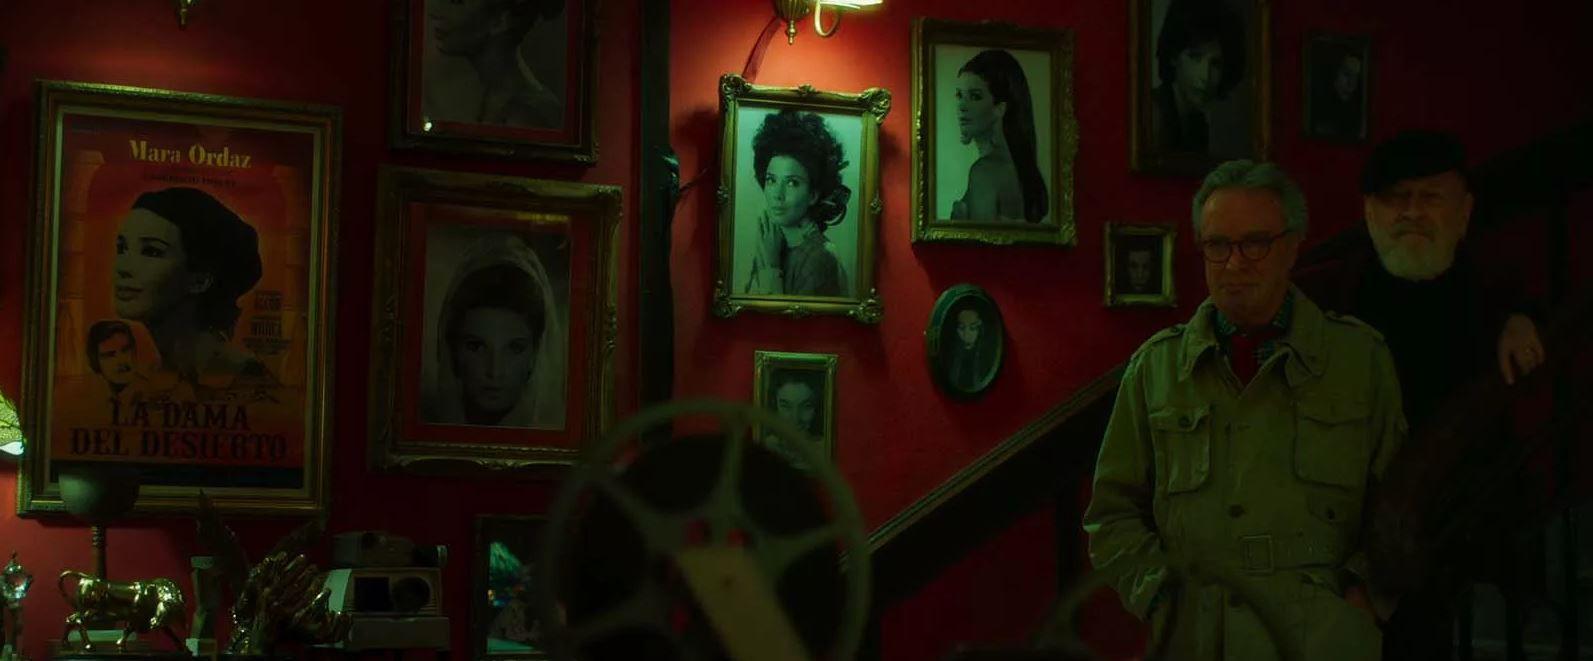 La conspiration des belettes (BANDE-ANNONCE) avec Graciela Borges, Oscar Martínez, Luis Brandoni